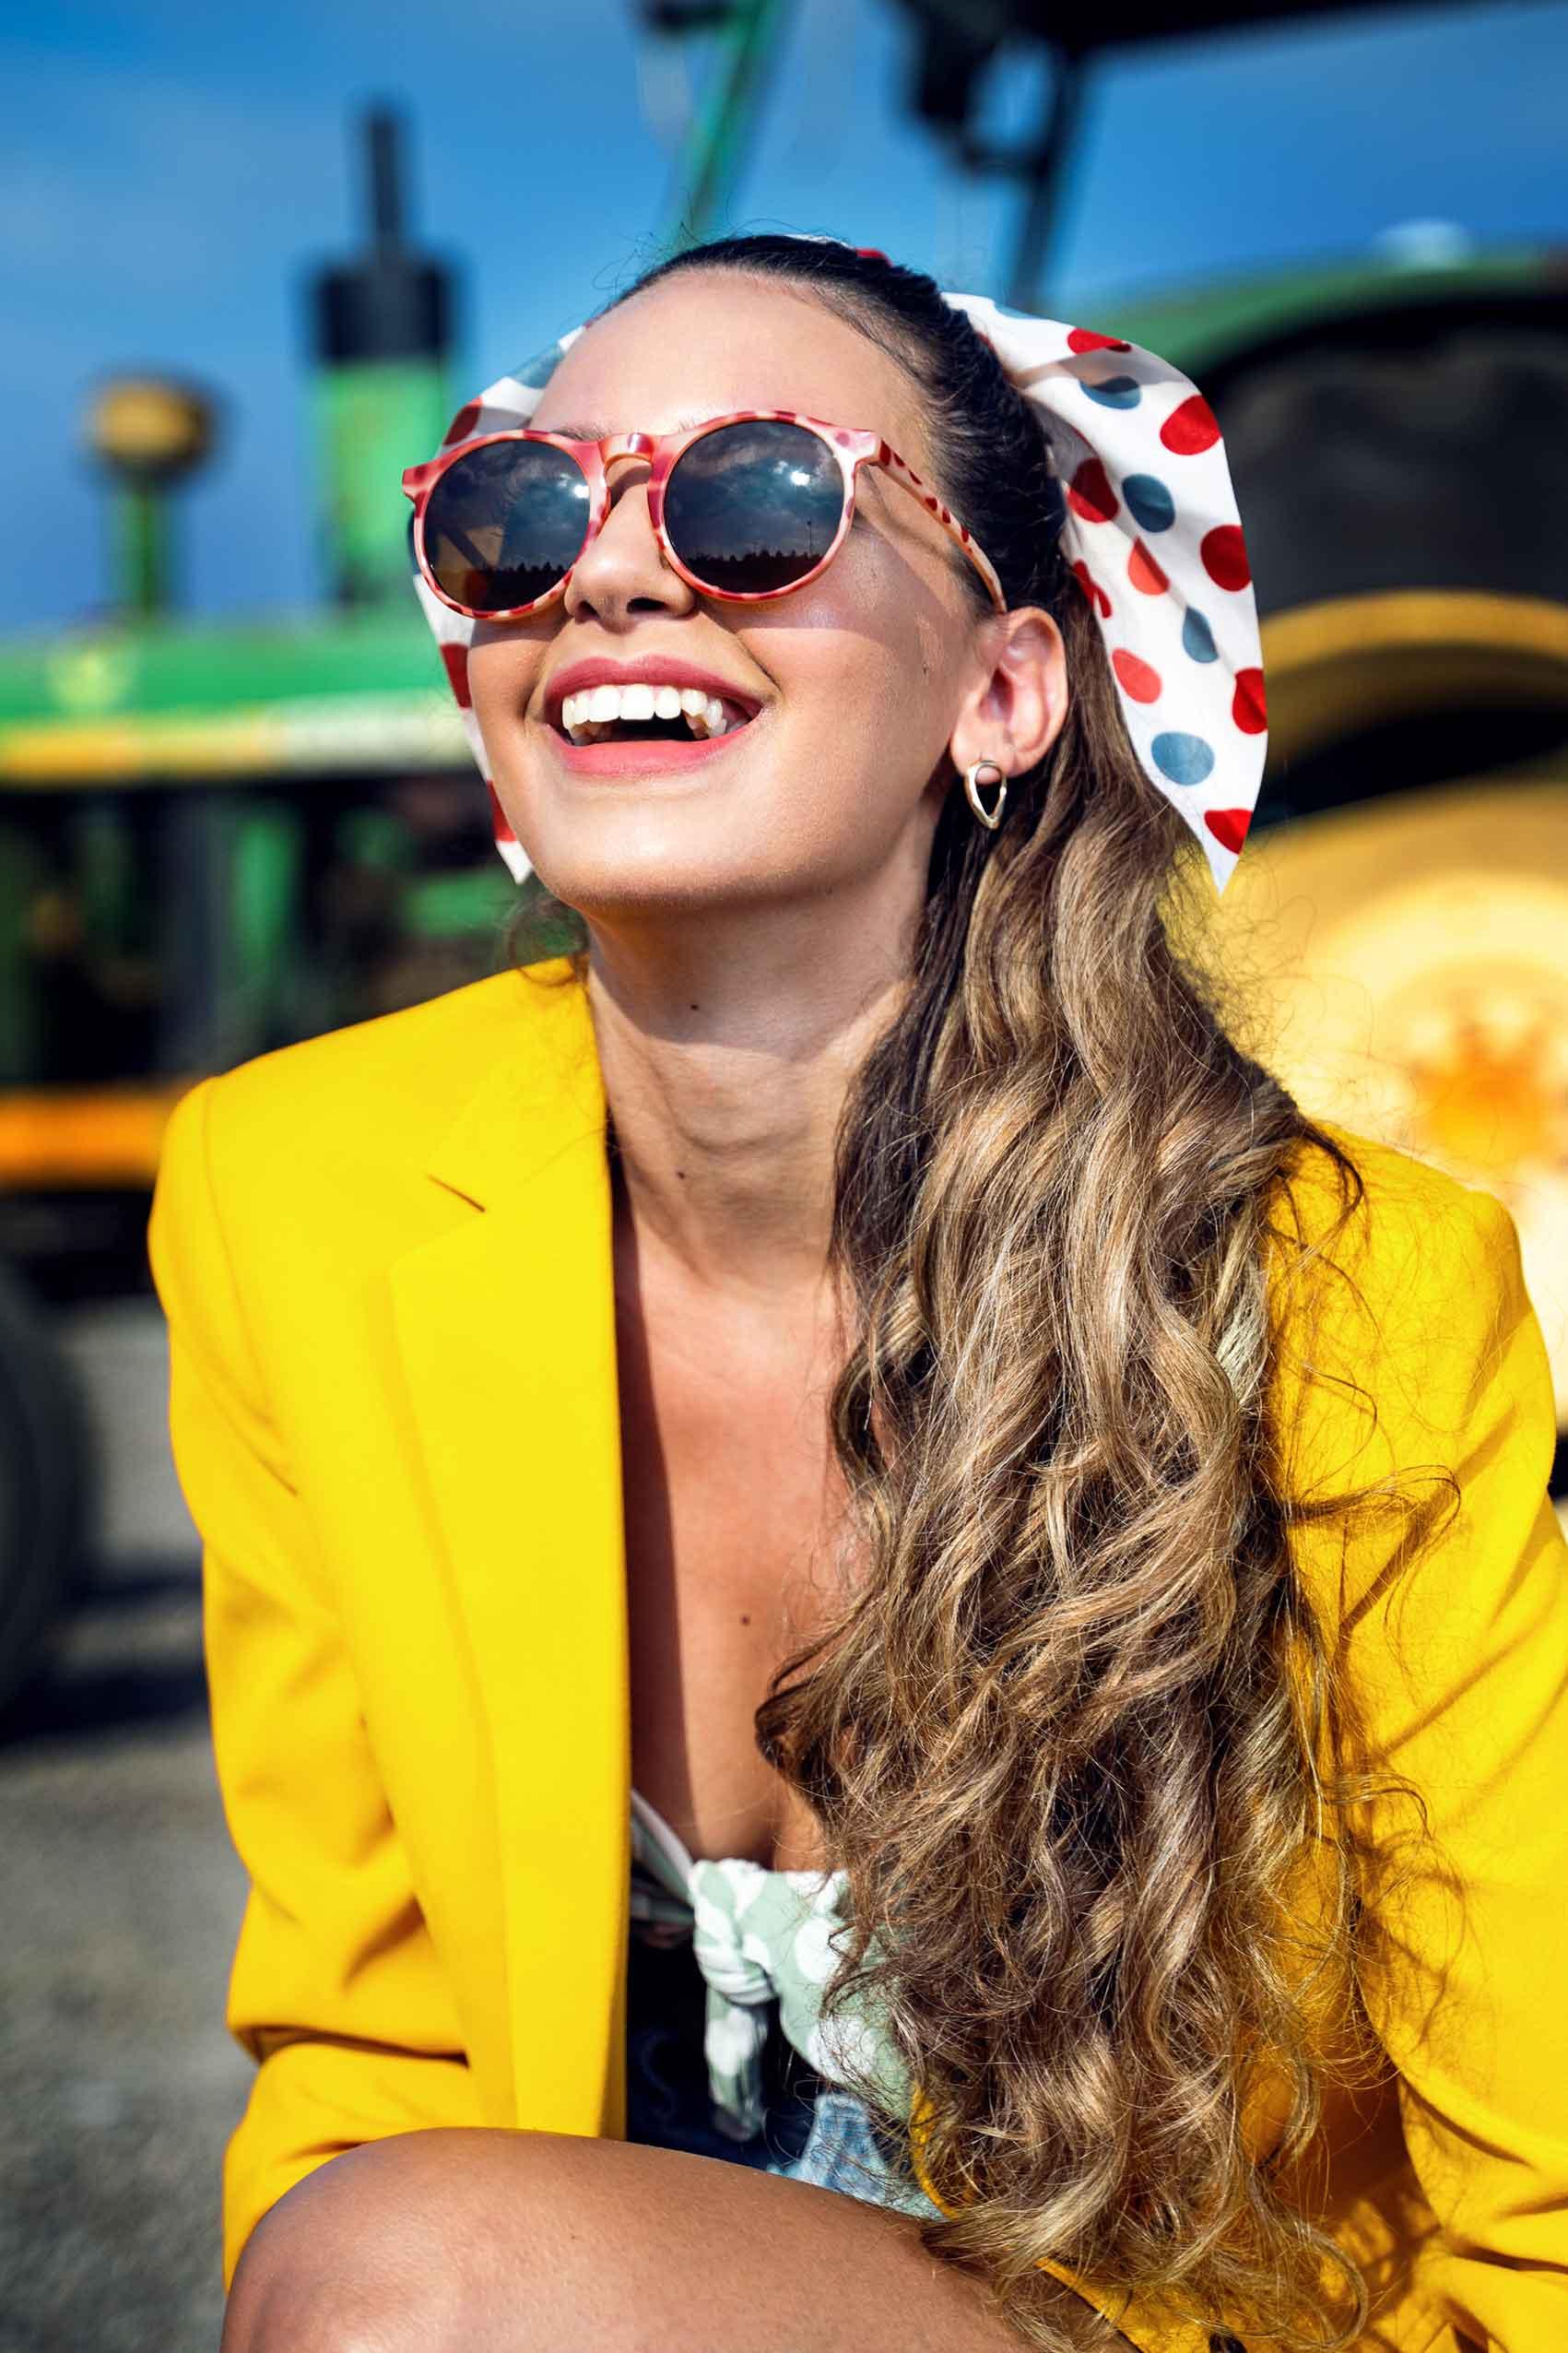 צילום: מאיה כהן, סטיילינג : נטע אמיתי, איפור: מורן רנד, שיער: מאי לושי, דוגמניות: מירב מימרון מרחב, אדר אגם, נועה קידר, ע. צלם: איה שלום-8